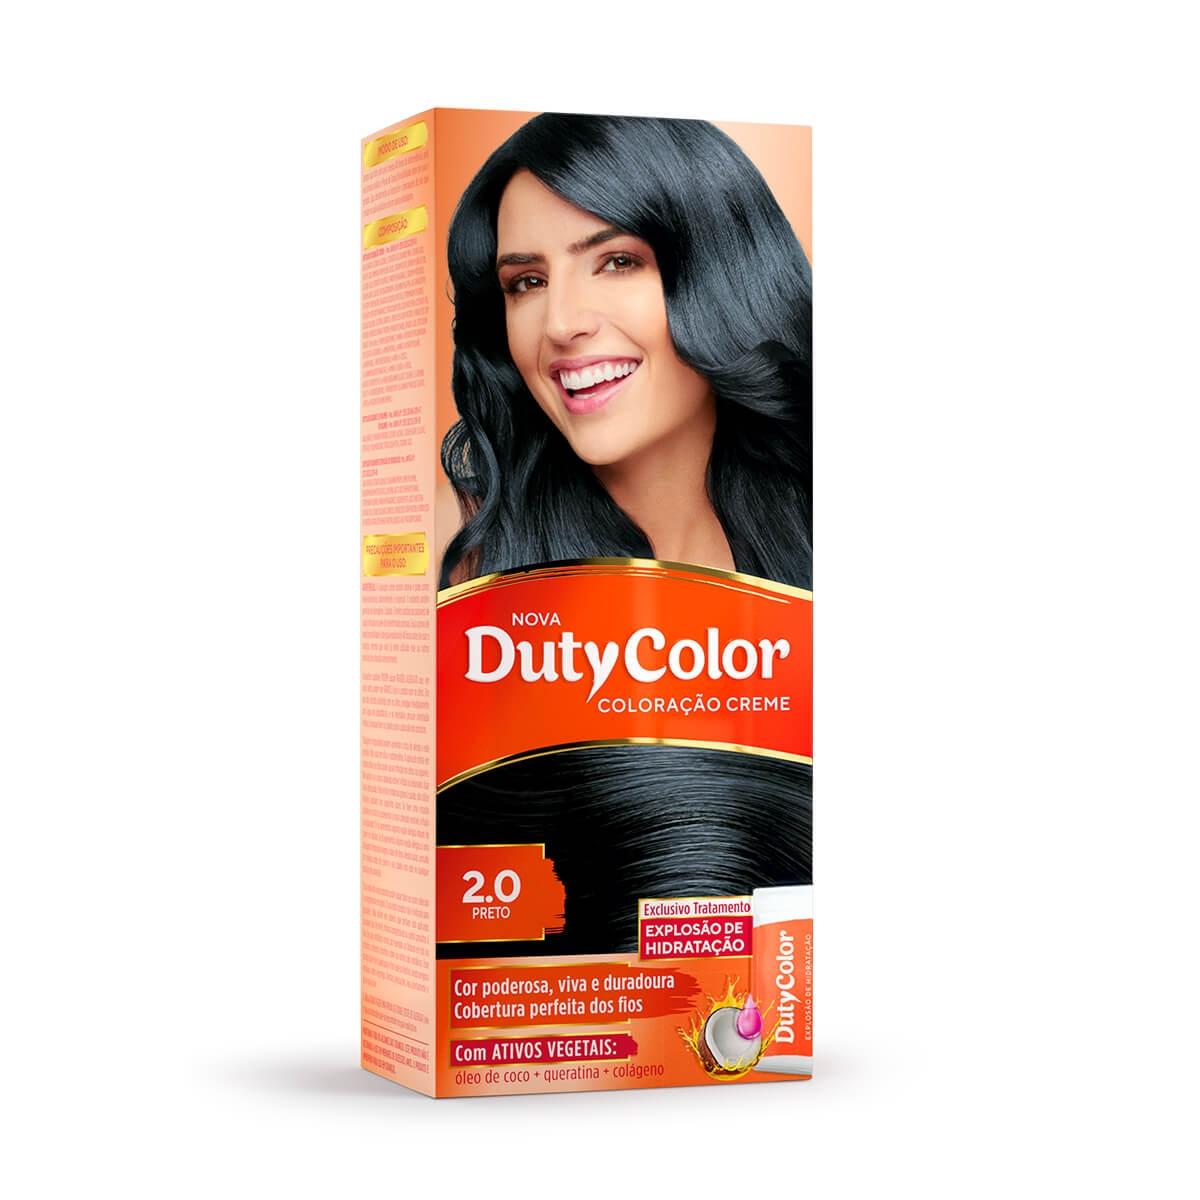 Coloração Creme DutyColor 2.0 Preto 1 Unidade